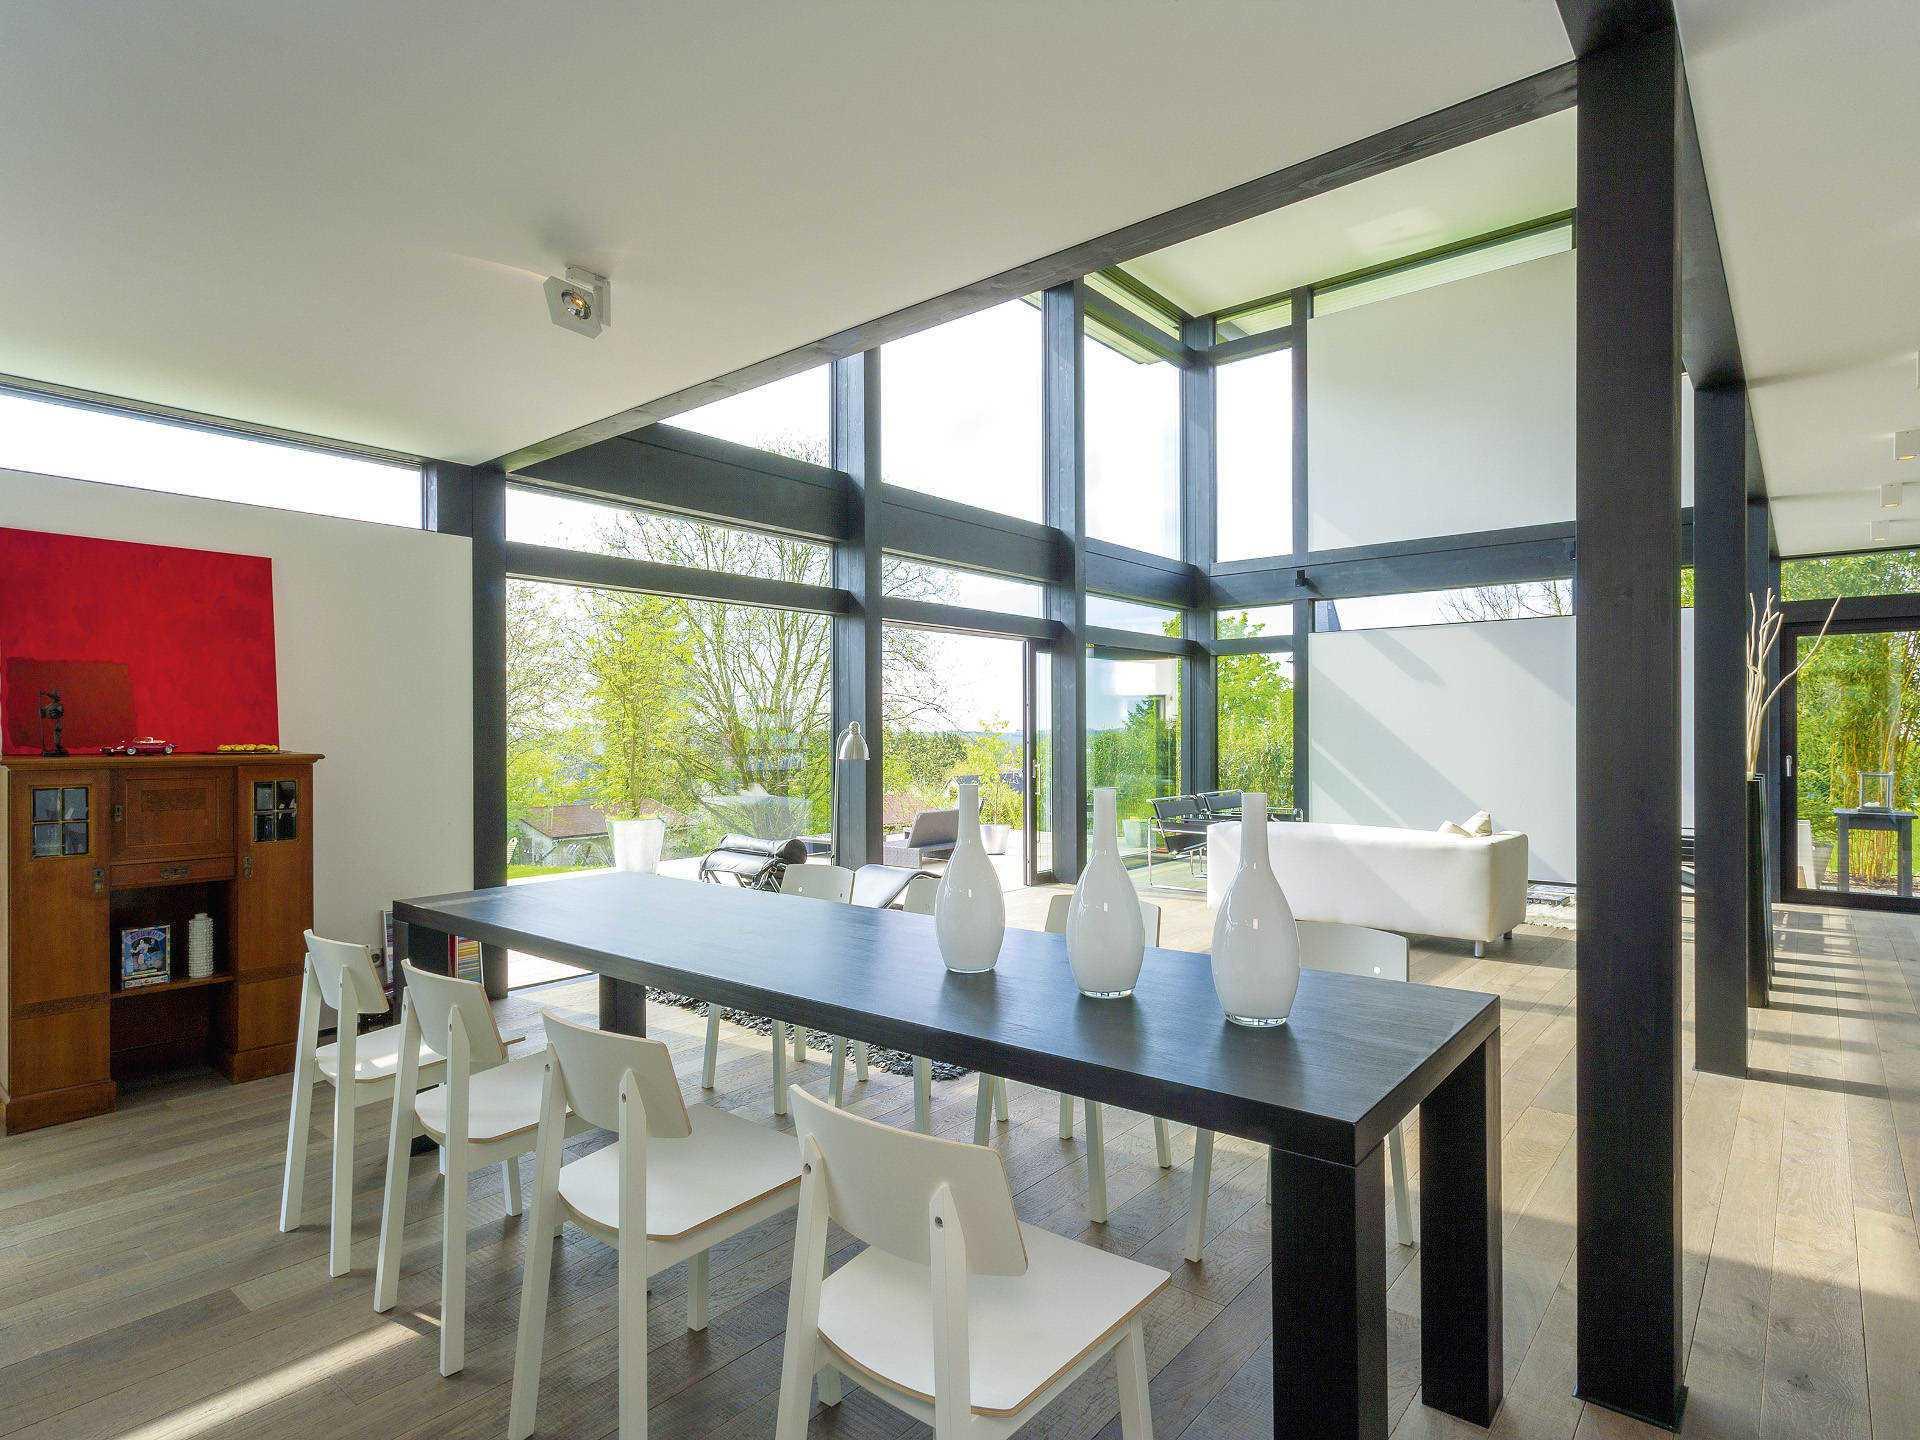 huf haus modum 7 10 mit flachdach huf haus. Black Bedroom Furniture Sets. Home Design Ideas